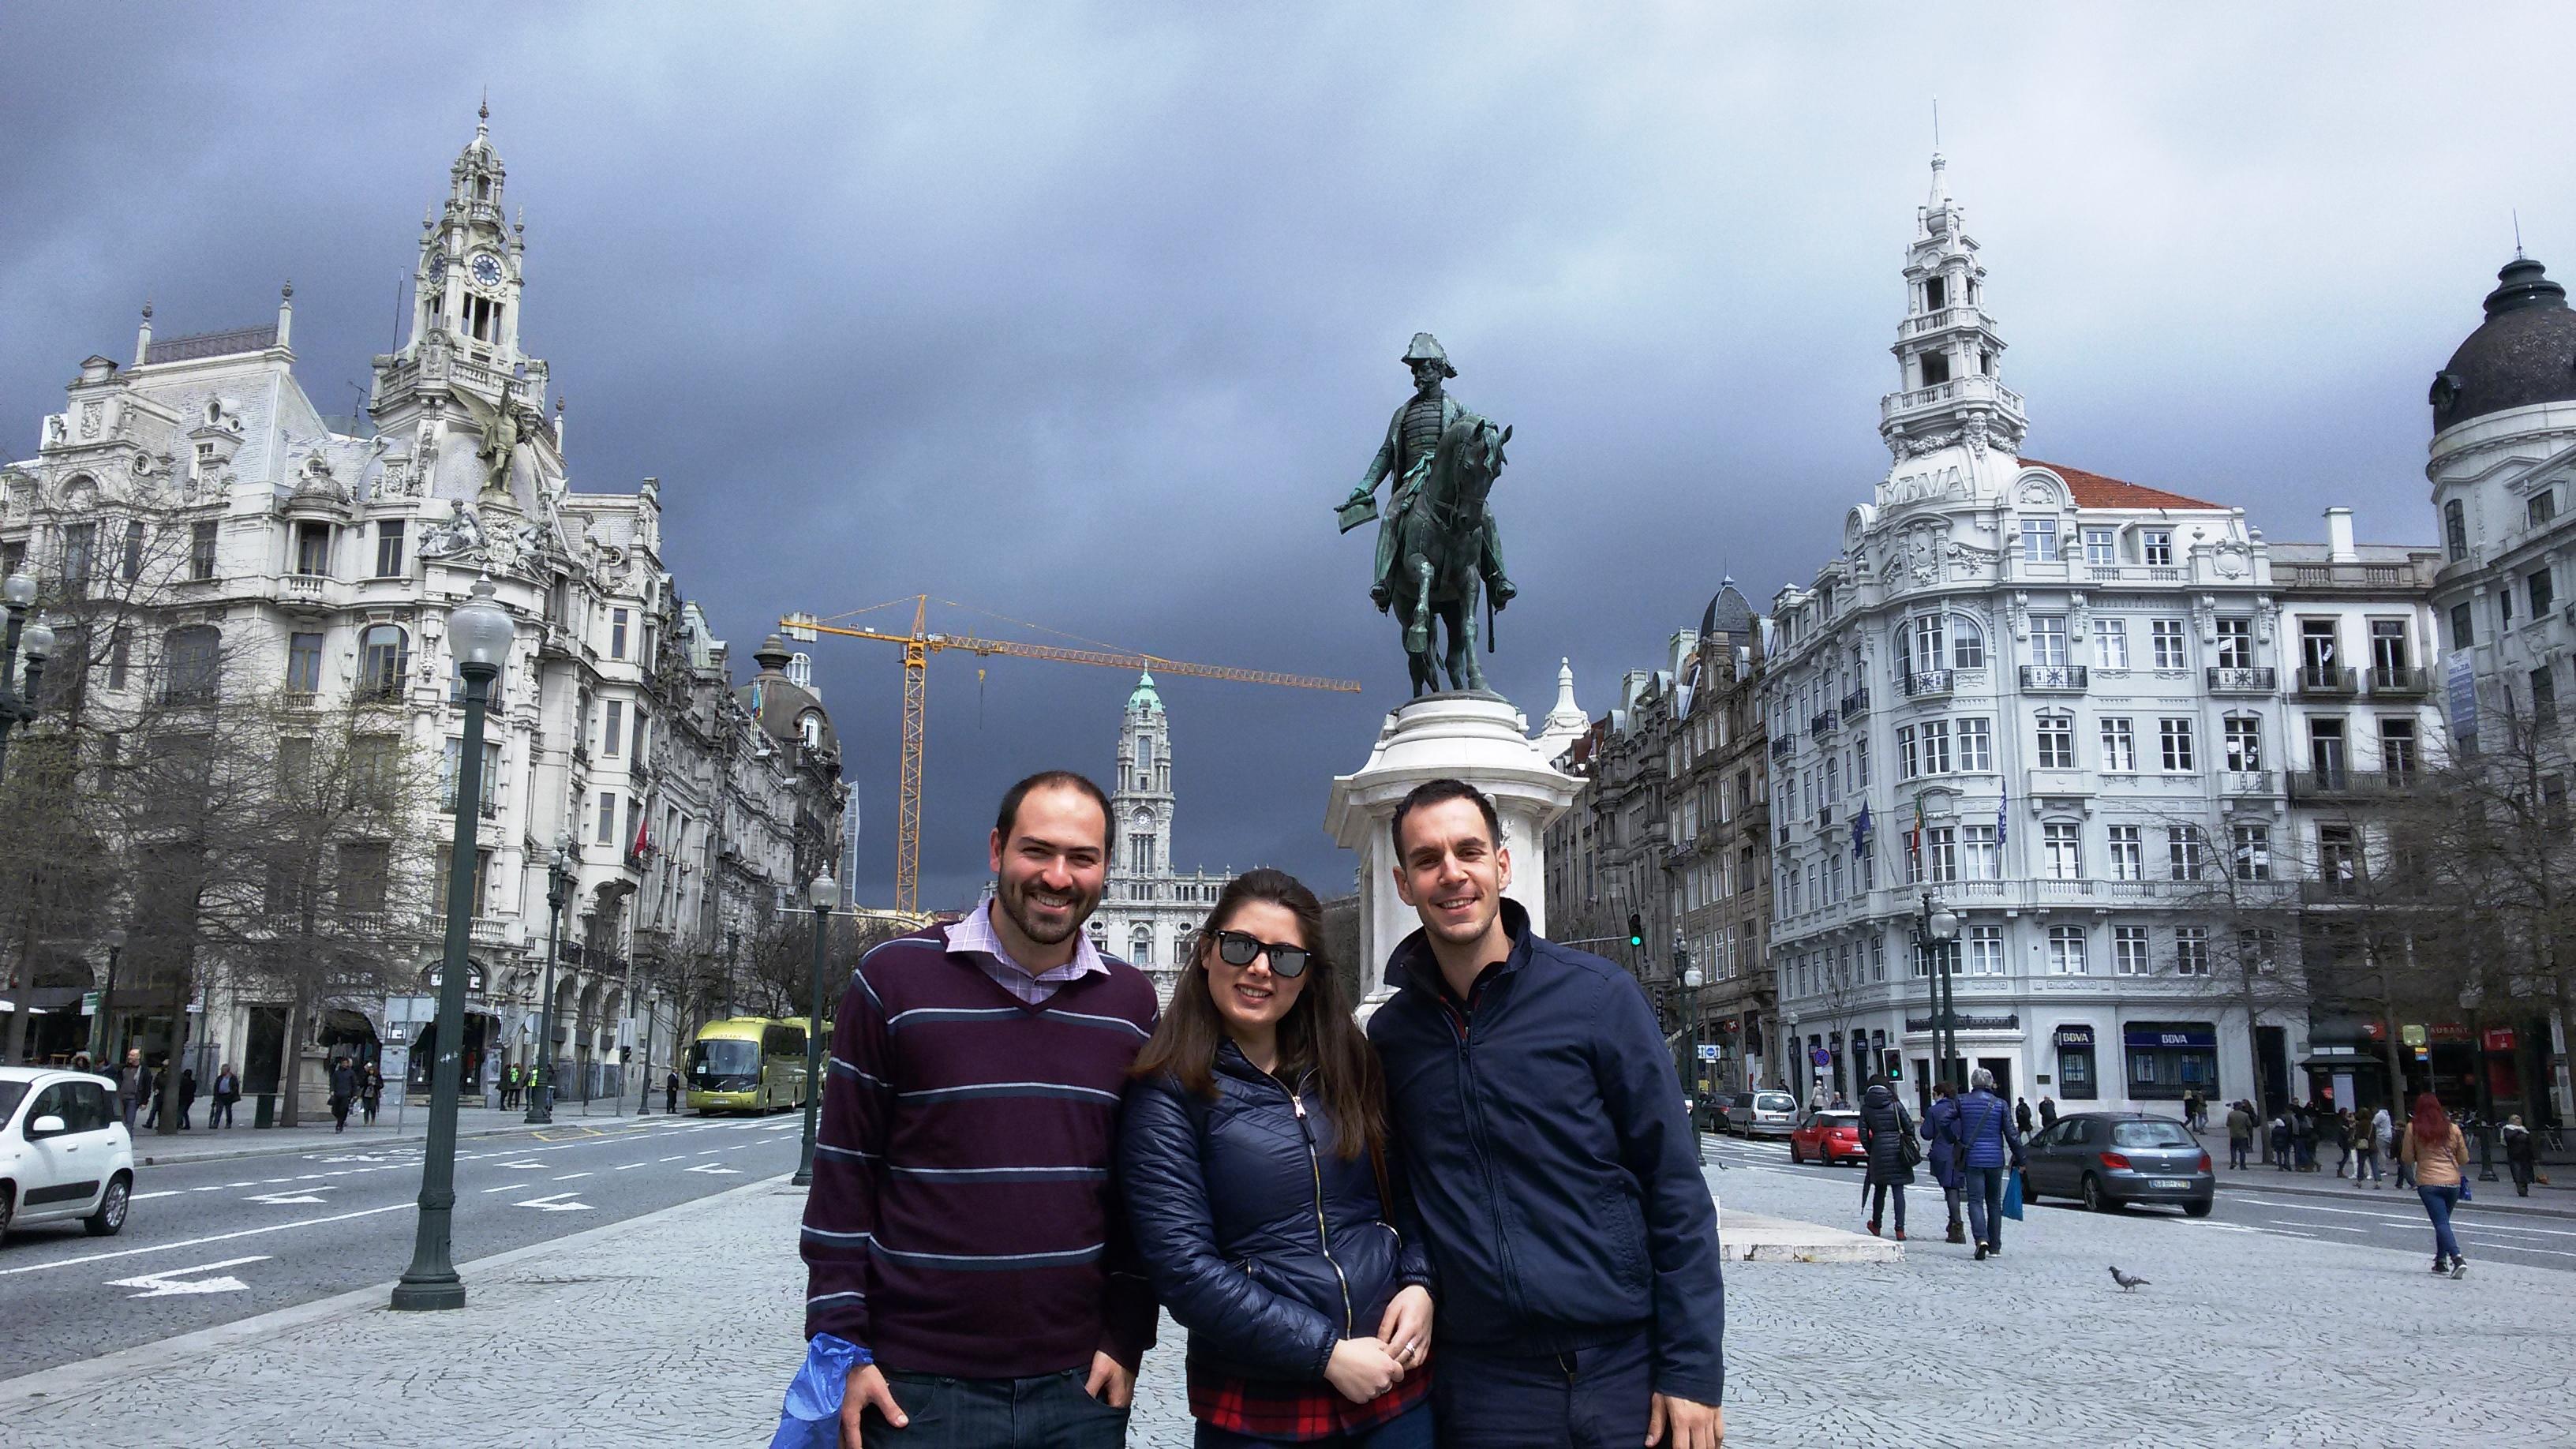 Tokom posjete Portu, proveli smo neko vrijeme sa Pedrom